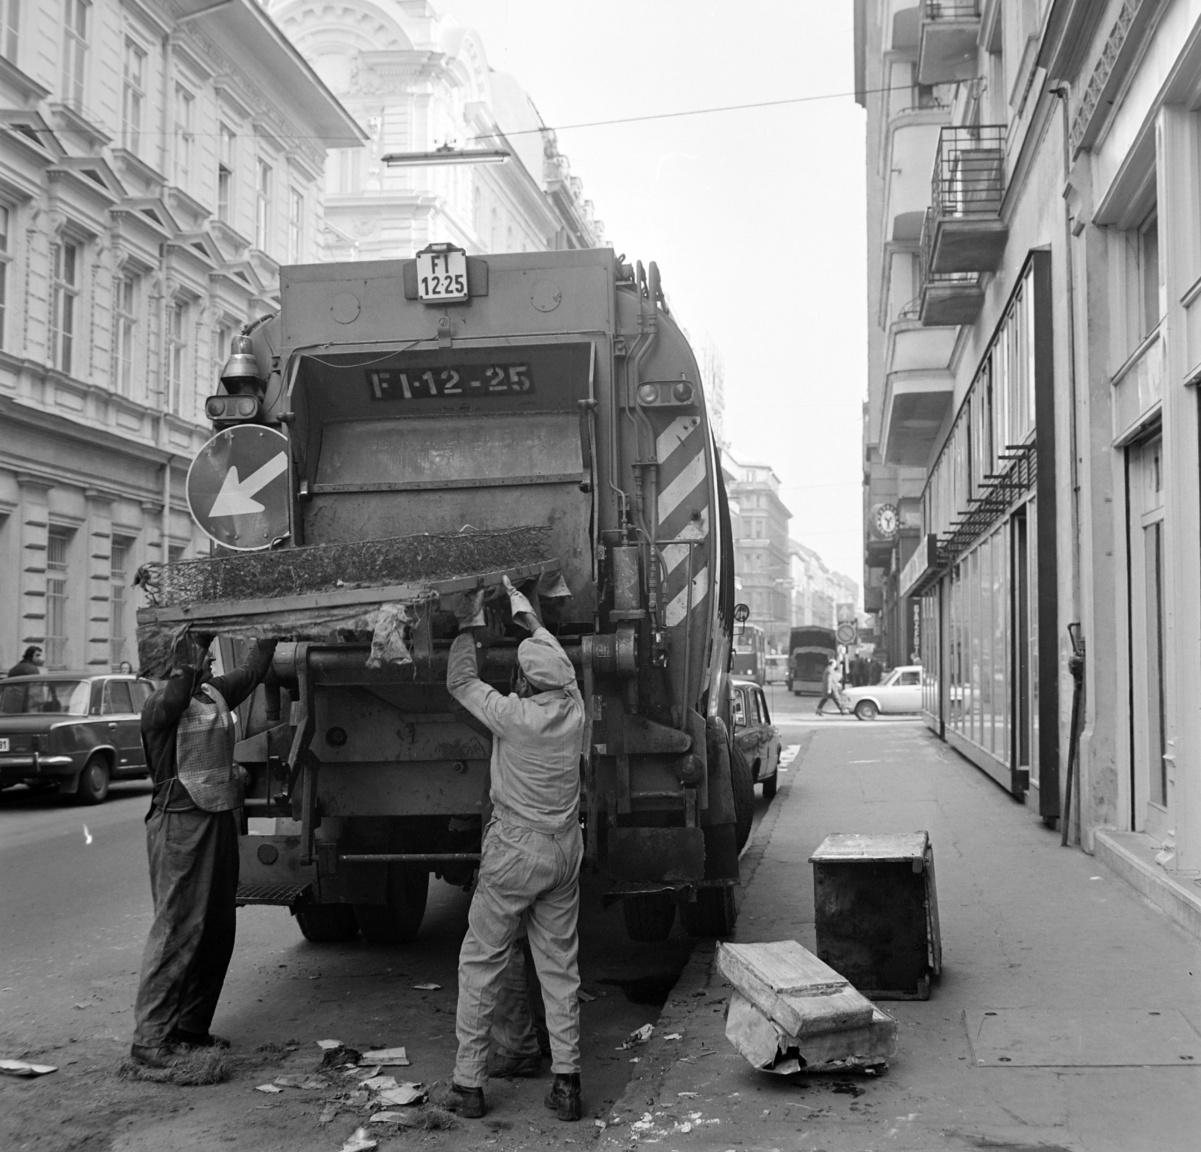 Bár kísérleti jelleggel a Fővárosi Köztisztasági Hivatal már 1969-ben elindította a lomtalanítási szolgáltatását, de rendszeres, évenkénti lomtalanítás csak 1972-ben kezdődött. Ehhez már nem volt megfelelő a hátul kukaürítő berendezéssel szerelt kukásautó, olyan acélszáj-szerkezet kellett, ami ha kell, megeszik bármilyen bútort, akár egy komplett heverőt is.